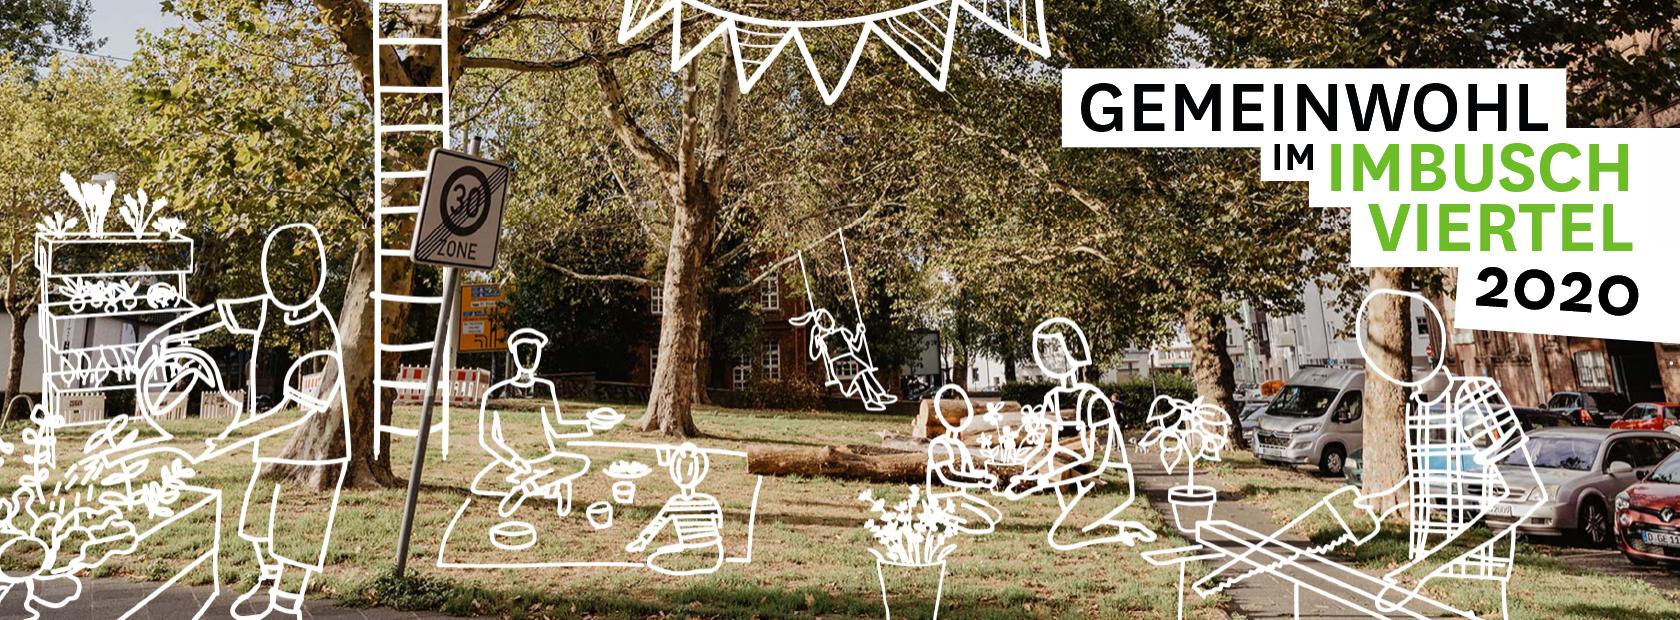 """Ein Foto vom Imbuschplatz, man sieht eine Wiese mit Bäumen. Rechts ein Fußweg und daneben Straße. Mit weißen Linien sind verschiedene Szenen eingezeichnet: Eine Person zersägt Holz, 2 Menschen picknicken, jemand schaukelt, eine Person und ein Kind pflanzen Blumen und in einem der Bäume ist ein Baumhaus. Rechts oben steht der Text """"Gemeinwohl im Imbuschviertel 2020"""""""